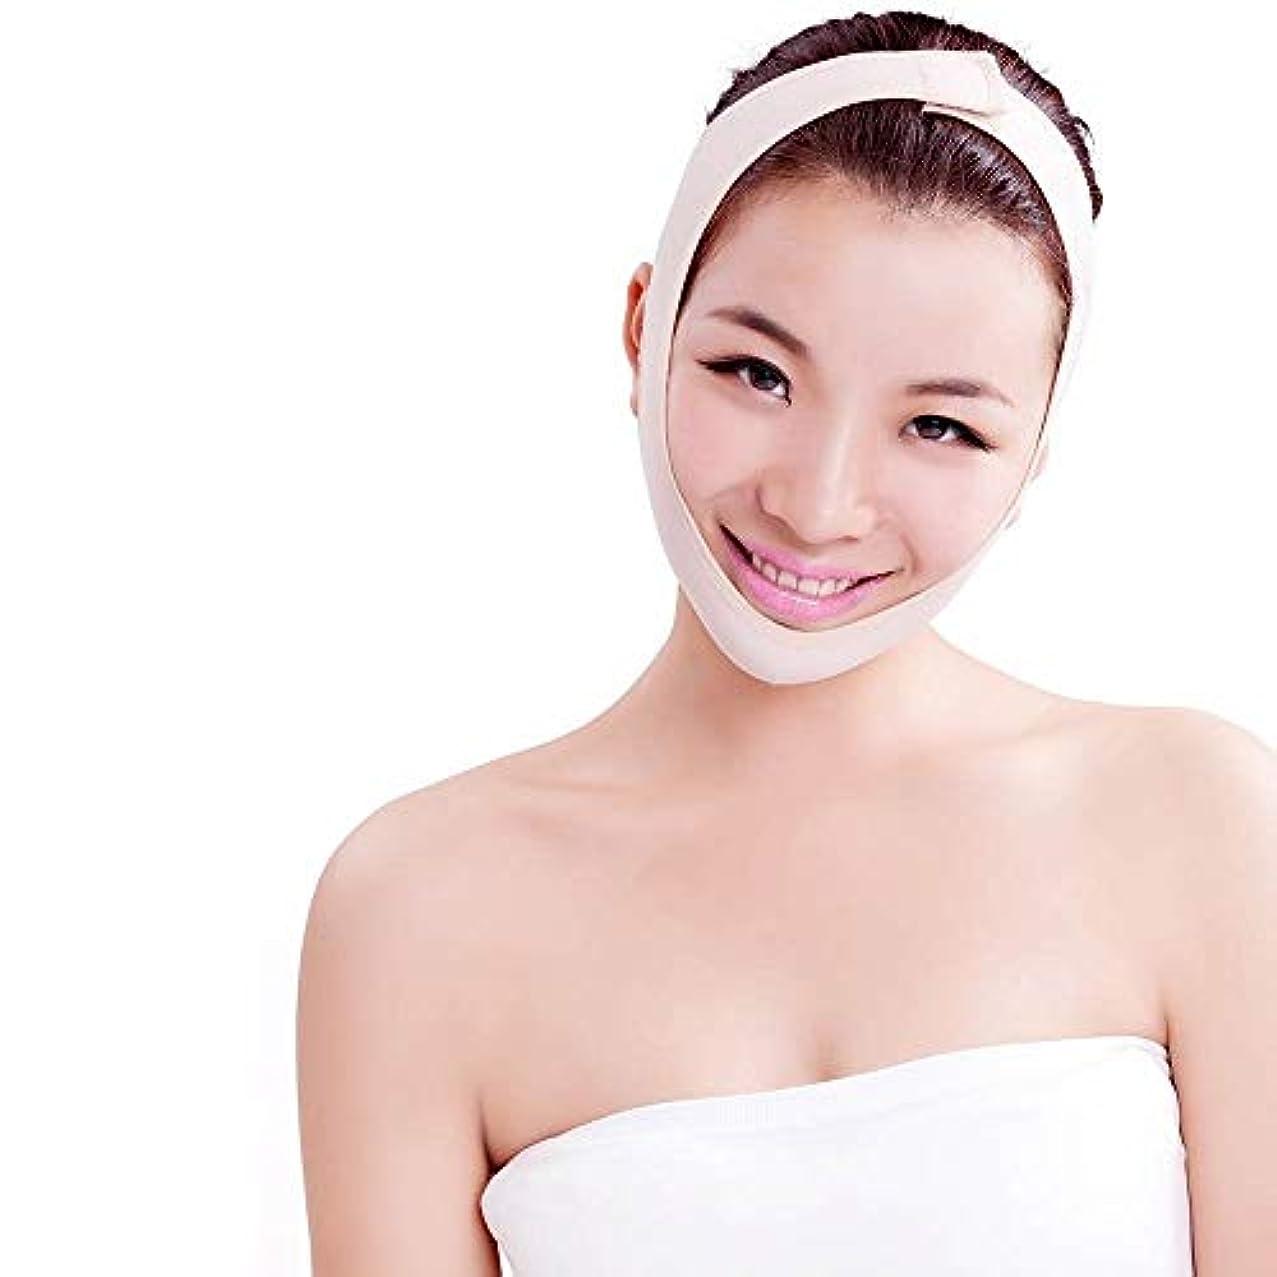 磨かれた入場空中HEMFV 顔のスリミングは、スリムリフトコンパクト顔の皮膚のためのスキン包帯二重あごスリミングベルトを締め、スリミング包帯通気性ひげ二重あごケア減量フェイスベルトマスク (Size : M)